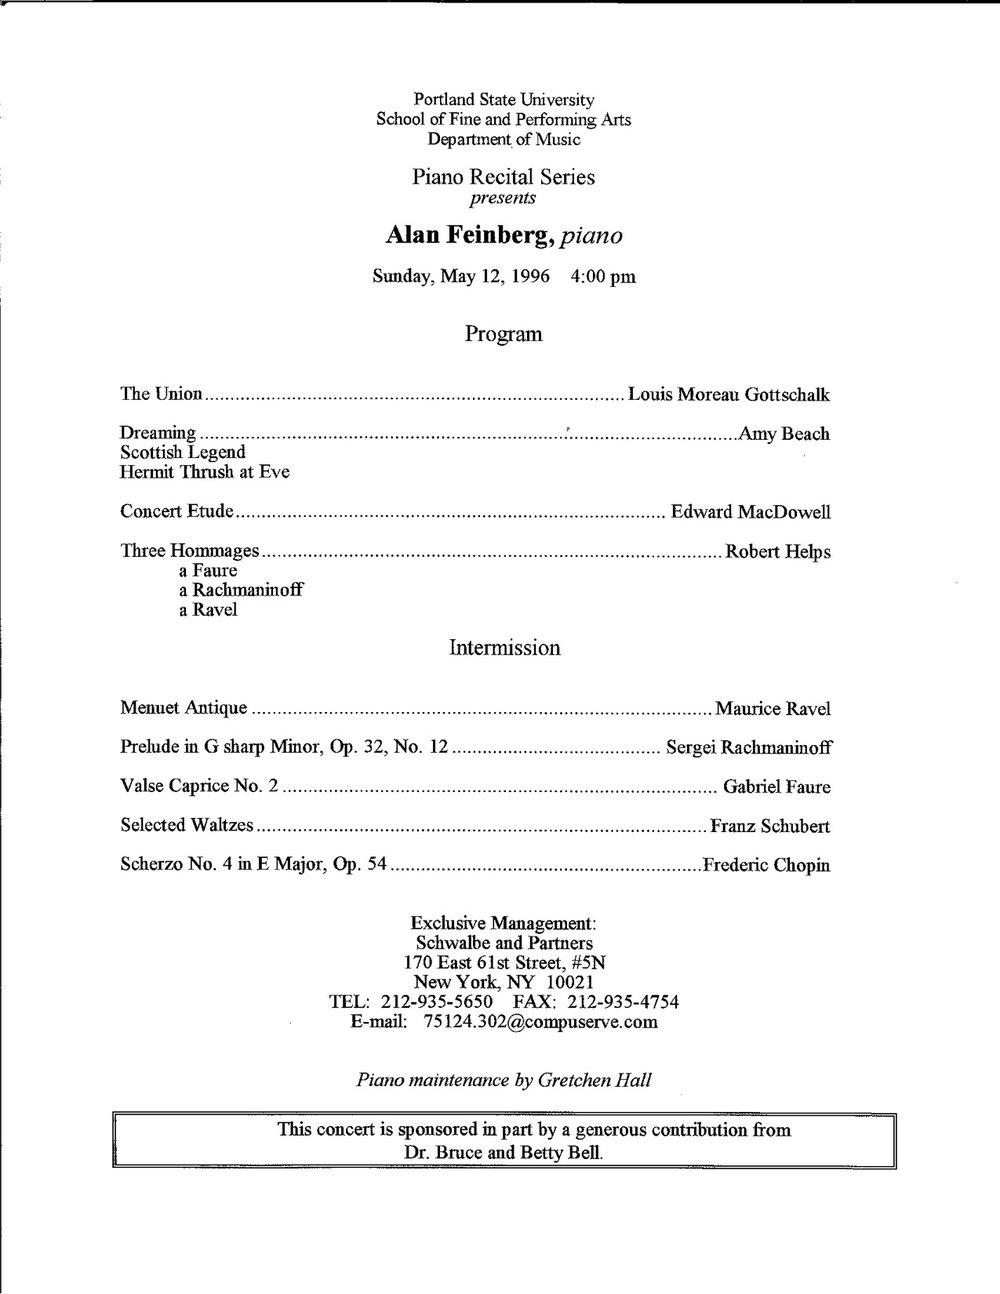 Feinberg95-96_Program2.jpg